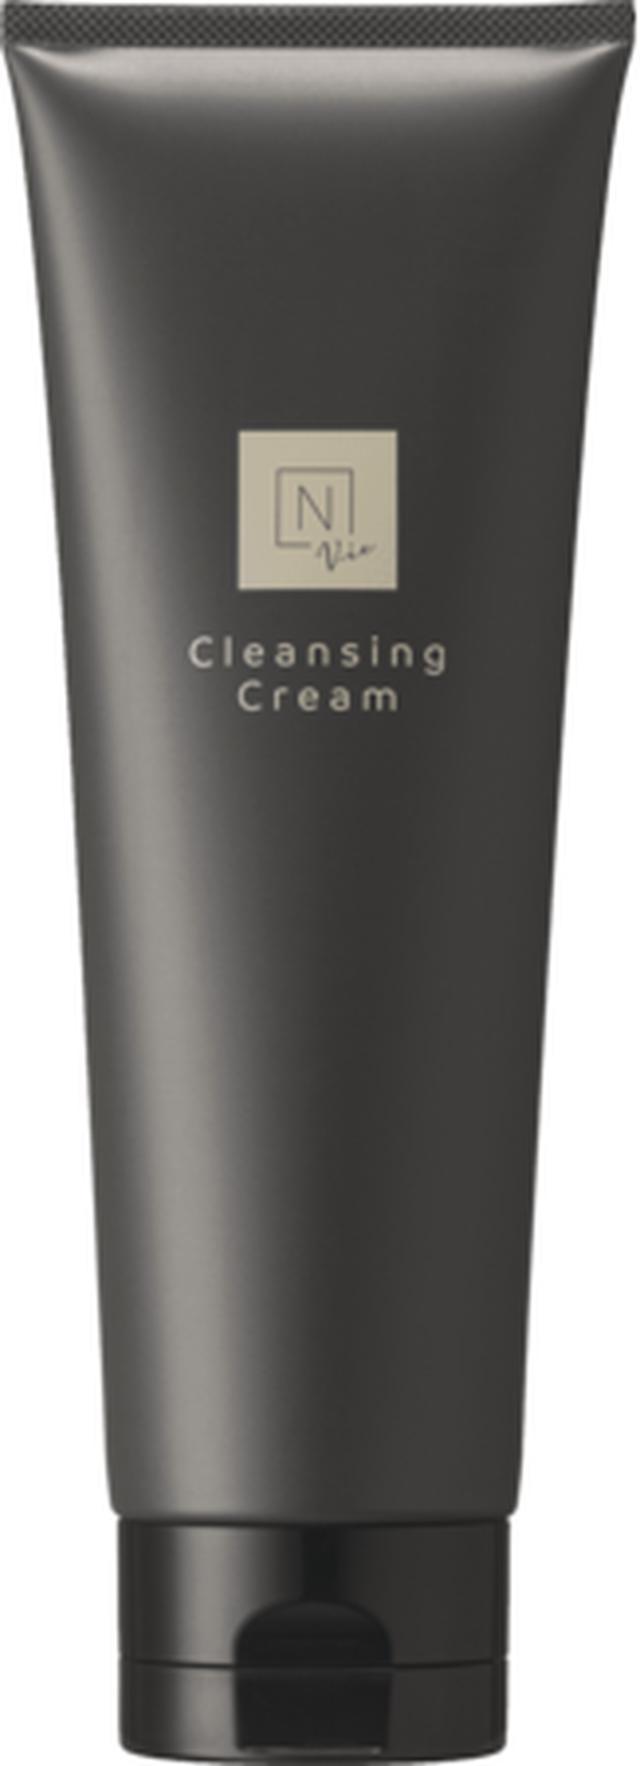 画像: リッチなオイルでなめらかに洗う。大人の肌に寄り添うクレンジングクリーム